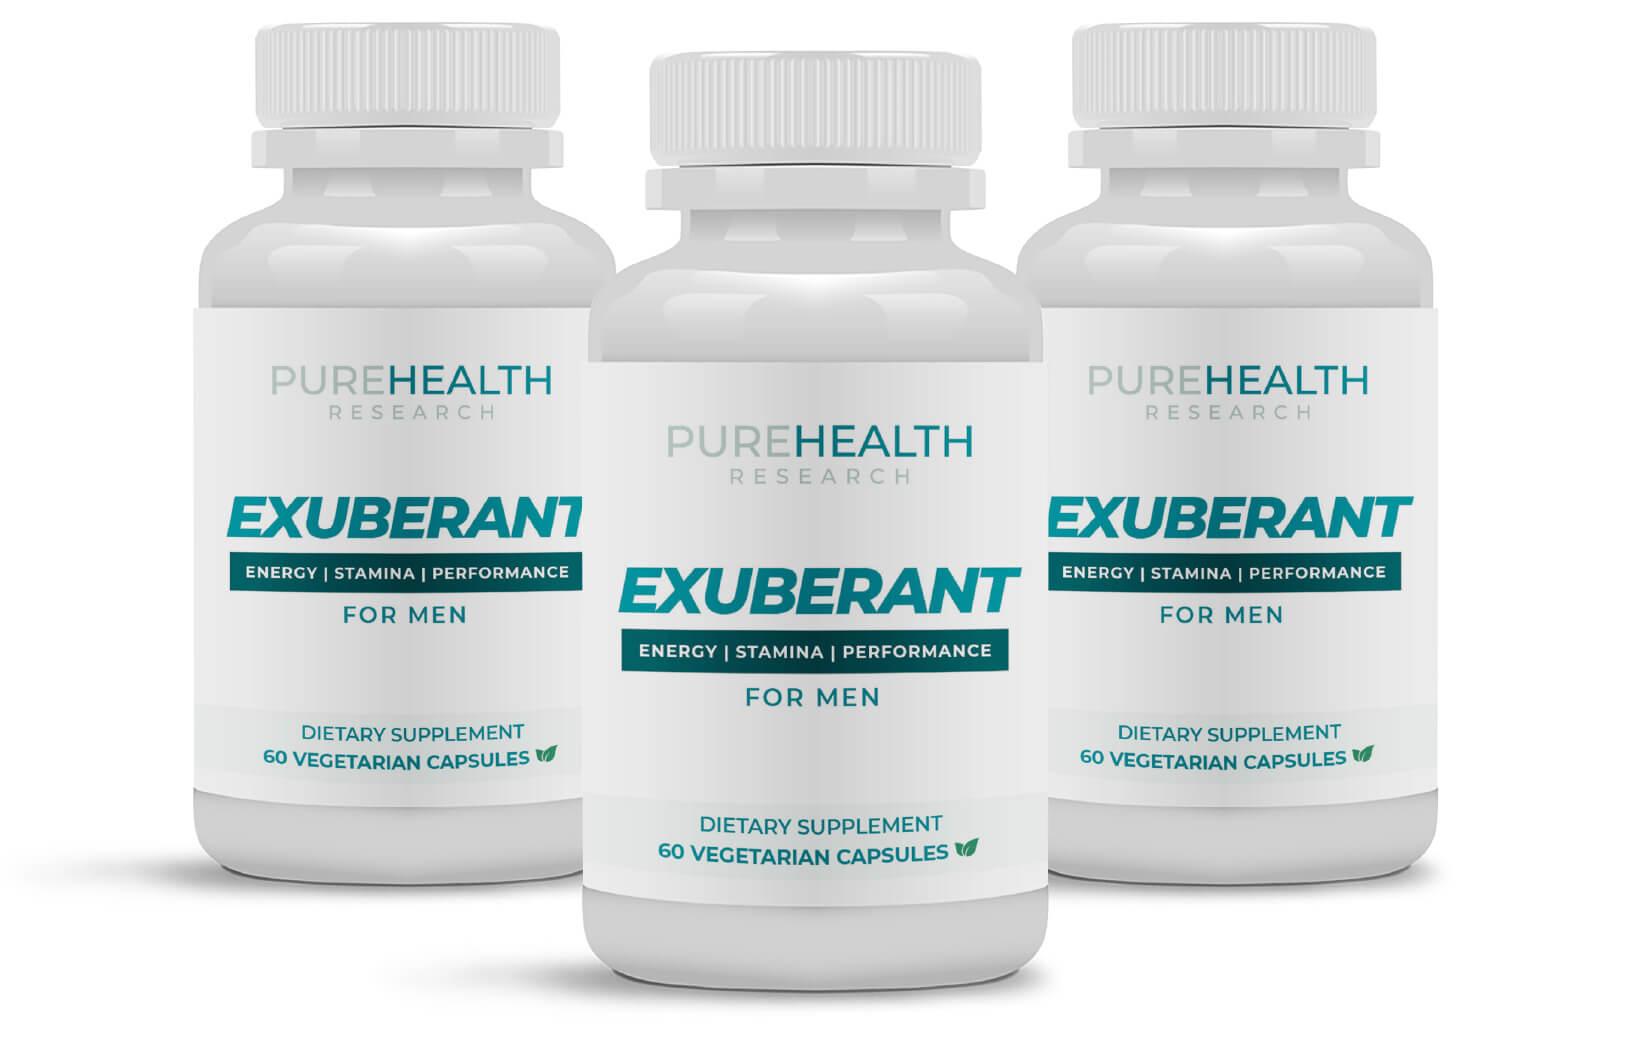 Exuberant Supplements Reviews